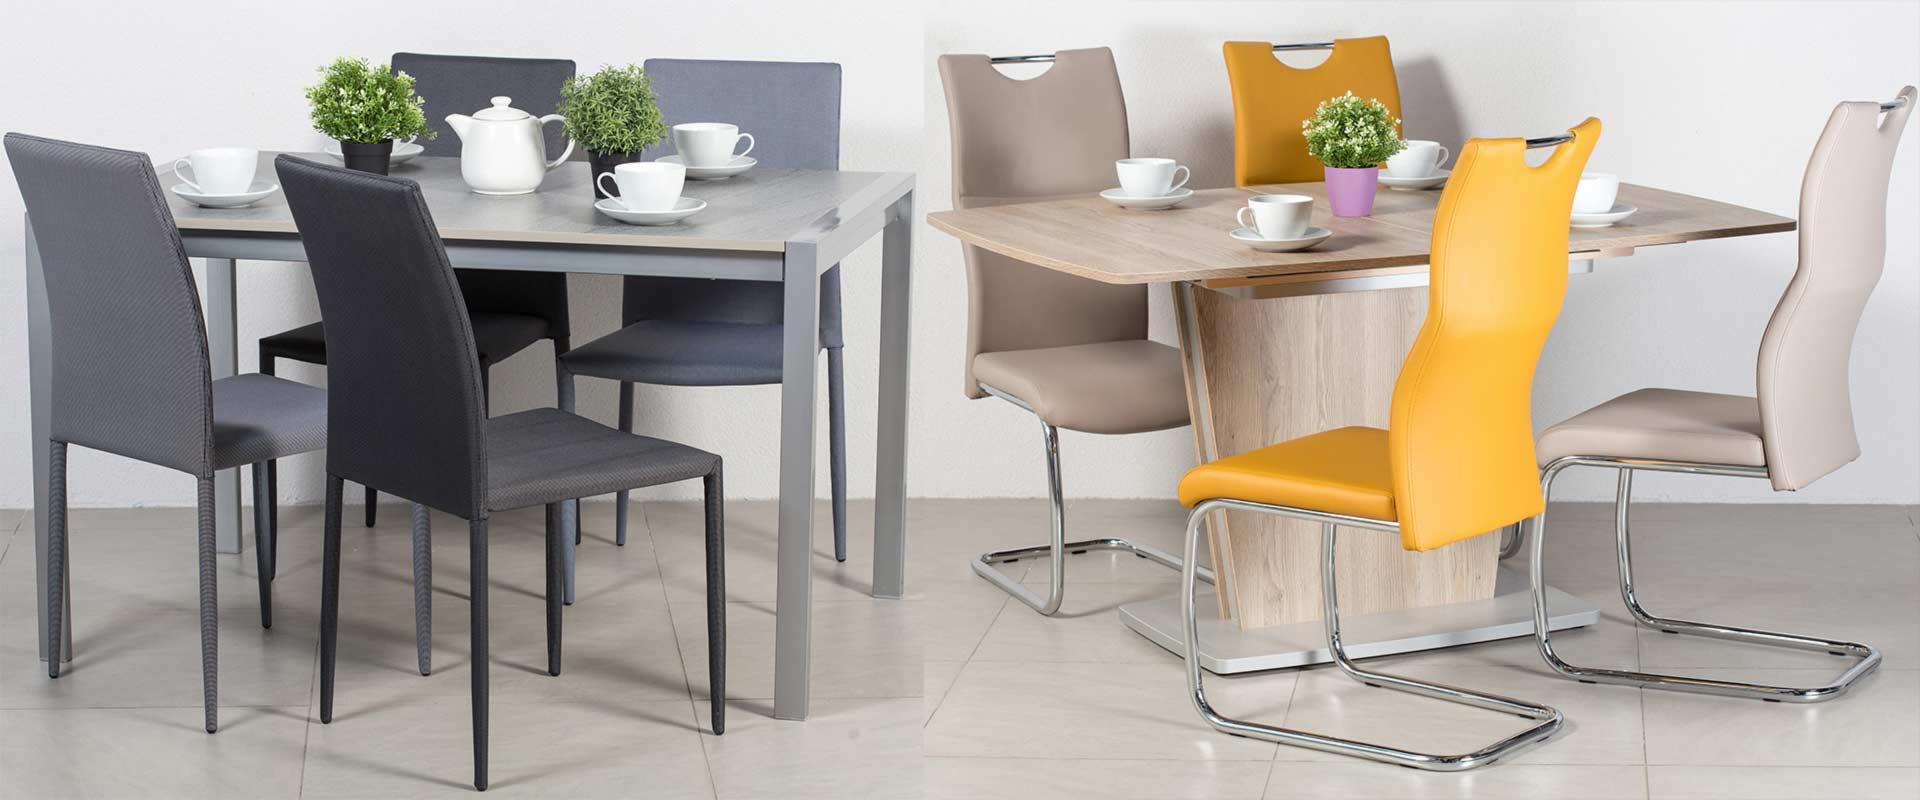 столы раздвижные